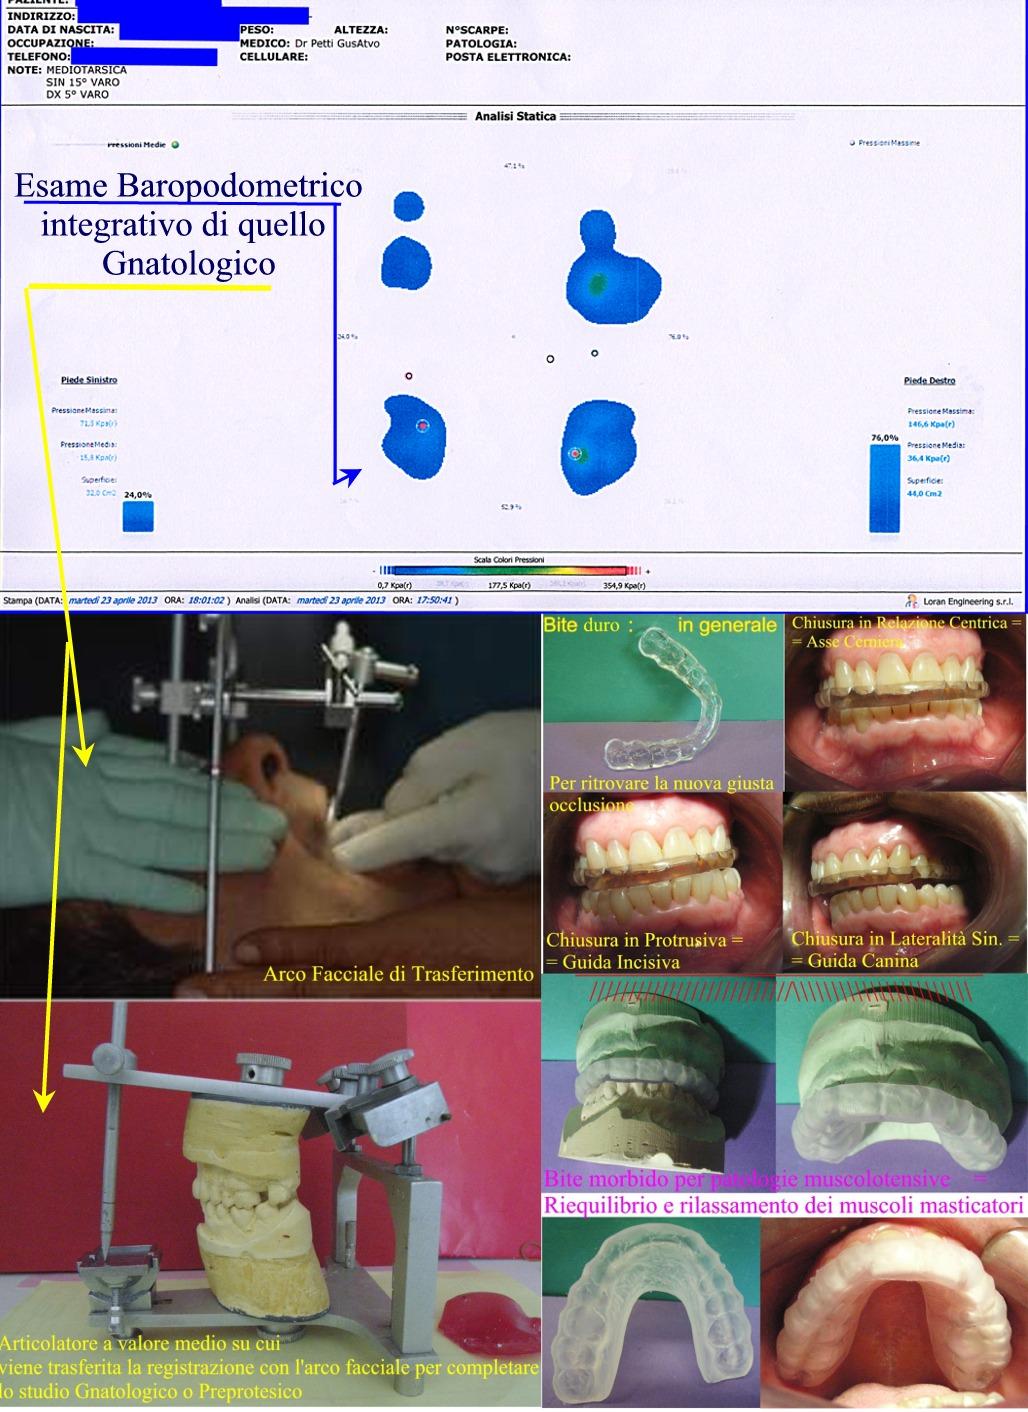 Arco Facciale di Trasferimento ed Esame Podometrico Statico e Vari tipi di Bite. Da Dr. Gustavo Petti Parodontologo Gnatologo di Cagliari